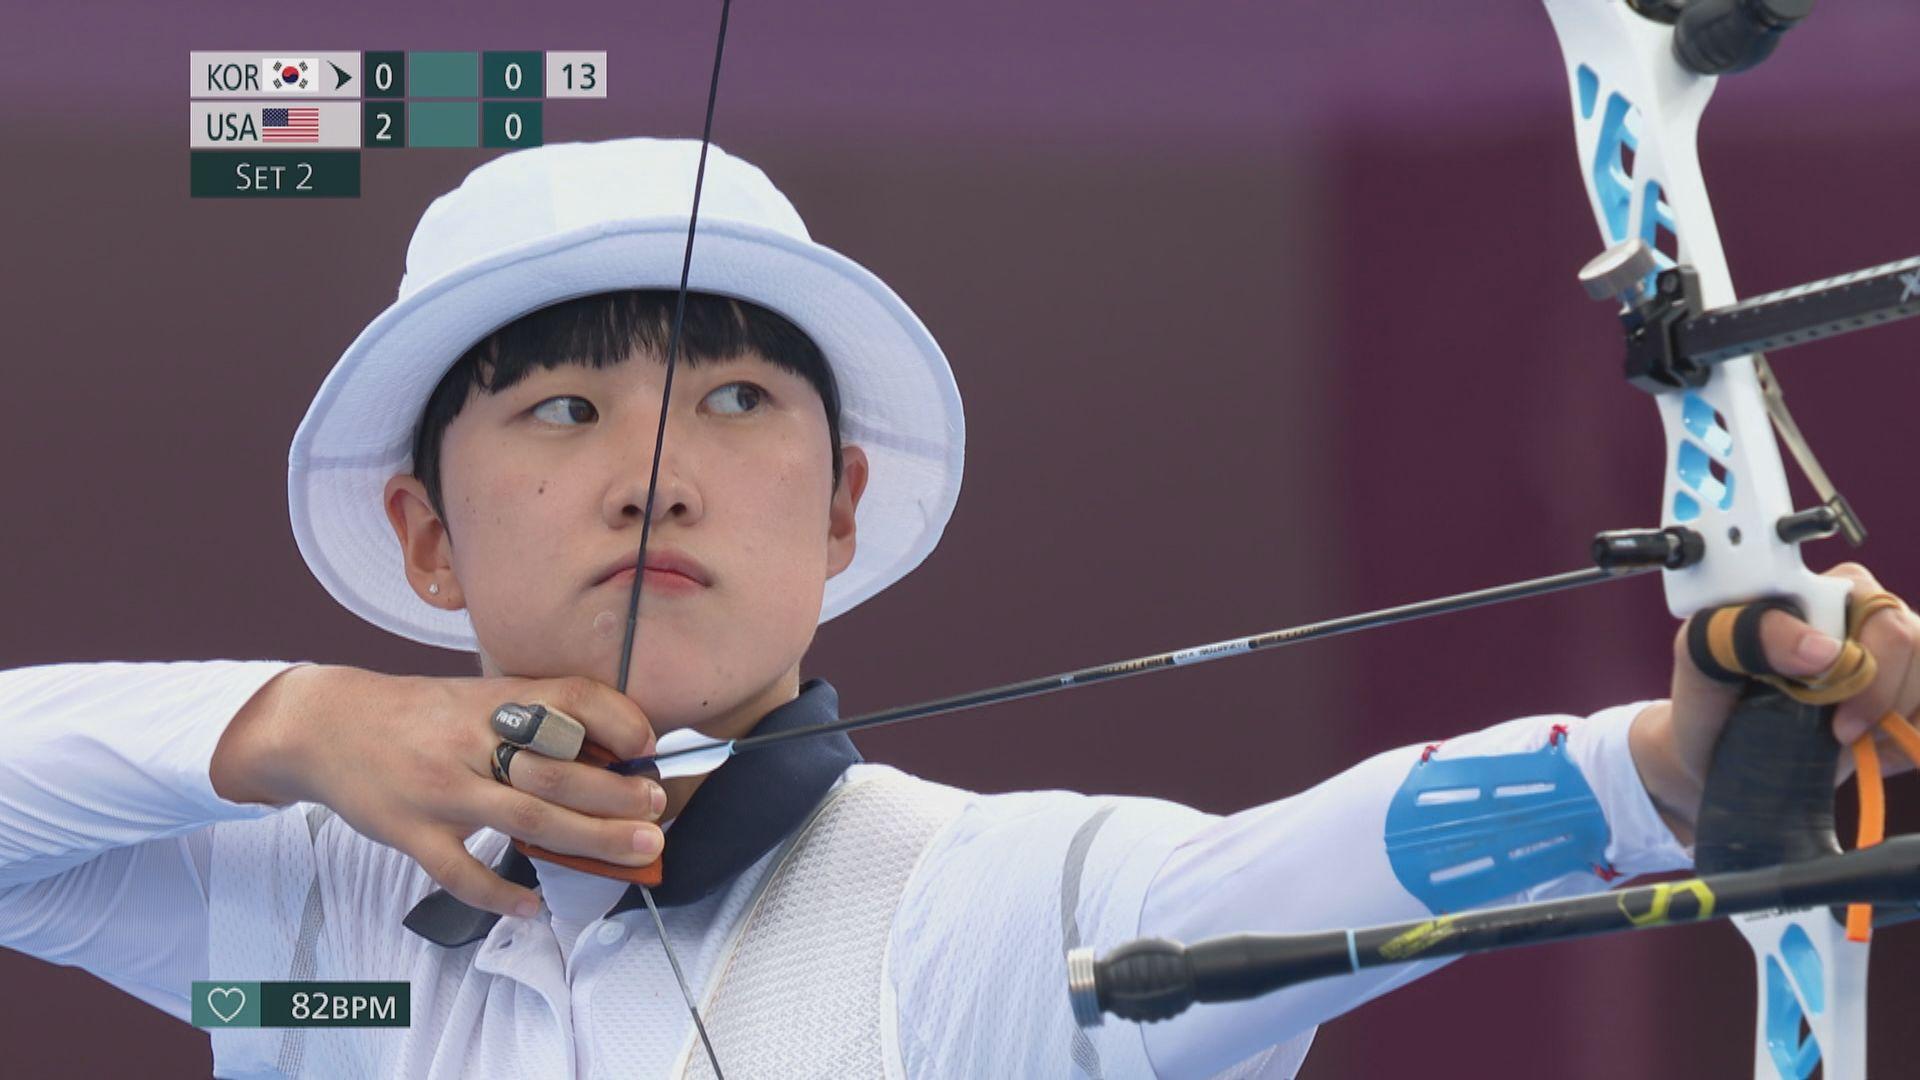 南韓女射箭手安山東奧奪三金 但因一頭短髮遭網民批評